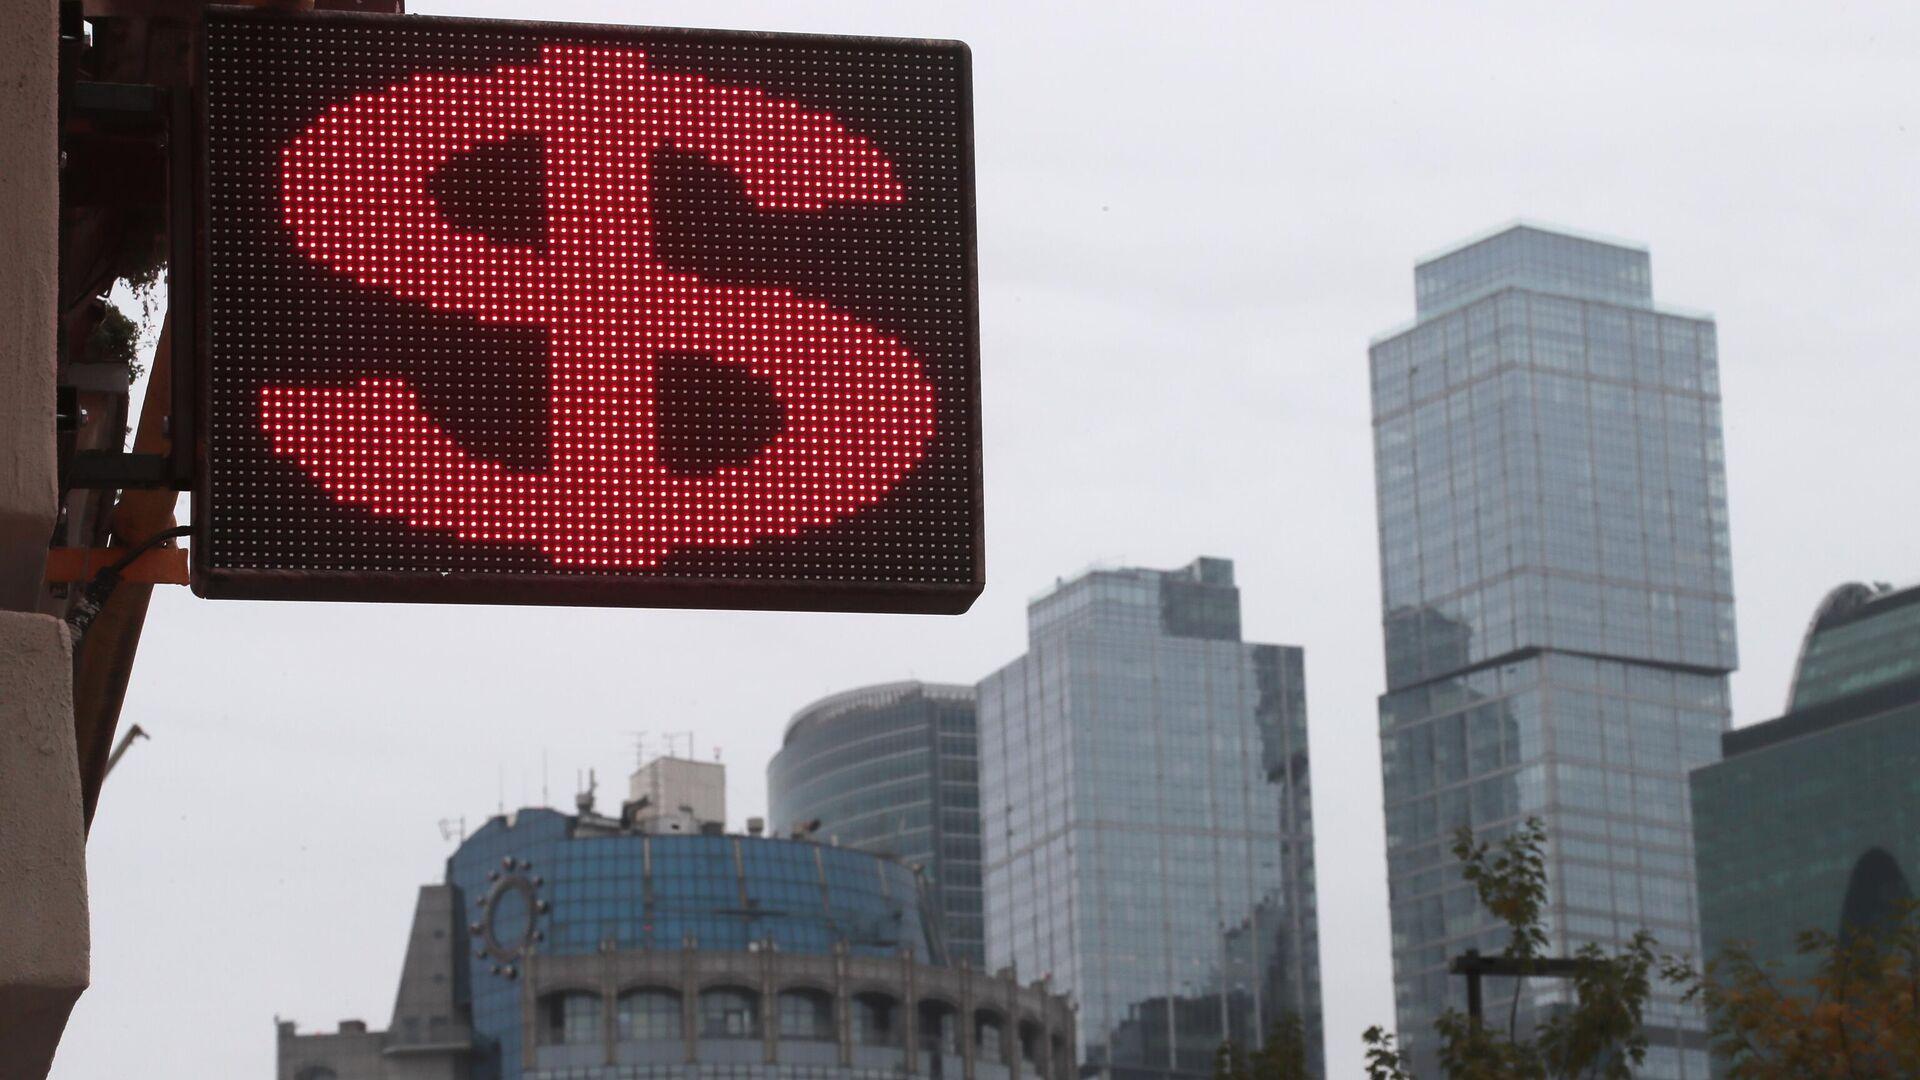 Электронное табло с курсами валют на одной из улиц в Москве - РИА Новости, 1920, 19.06.2021